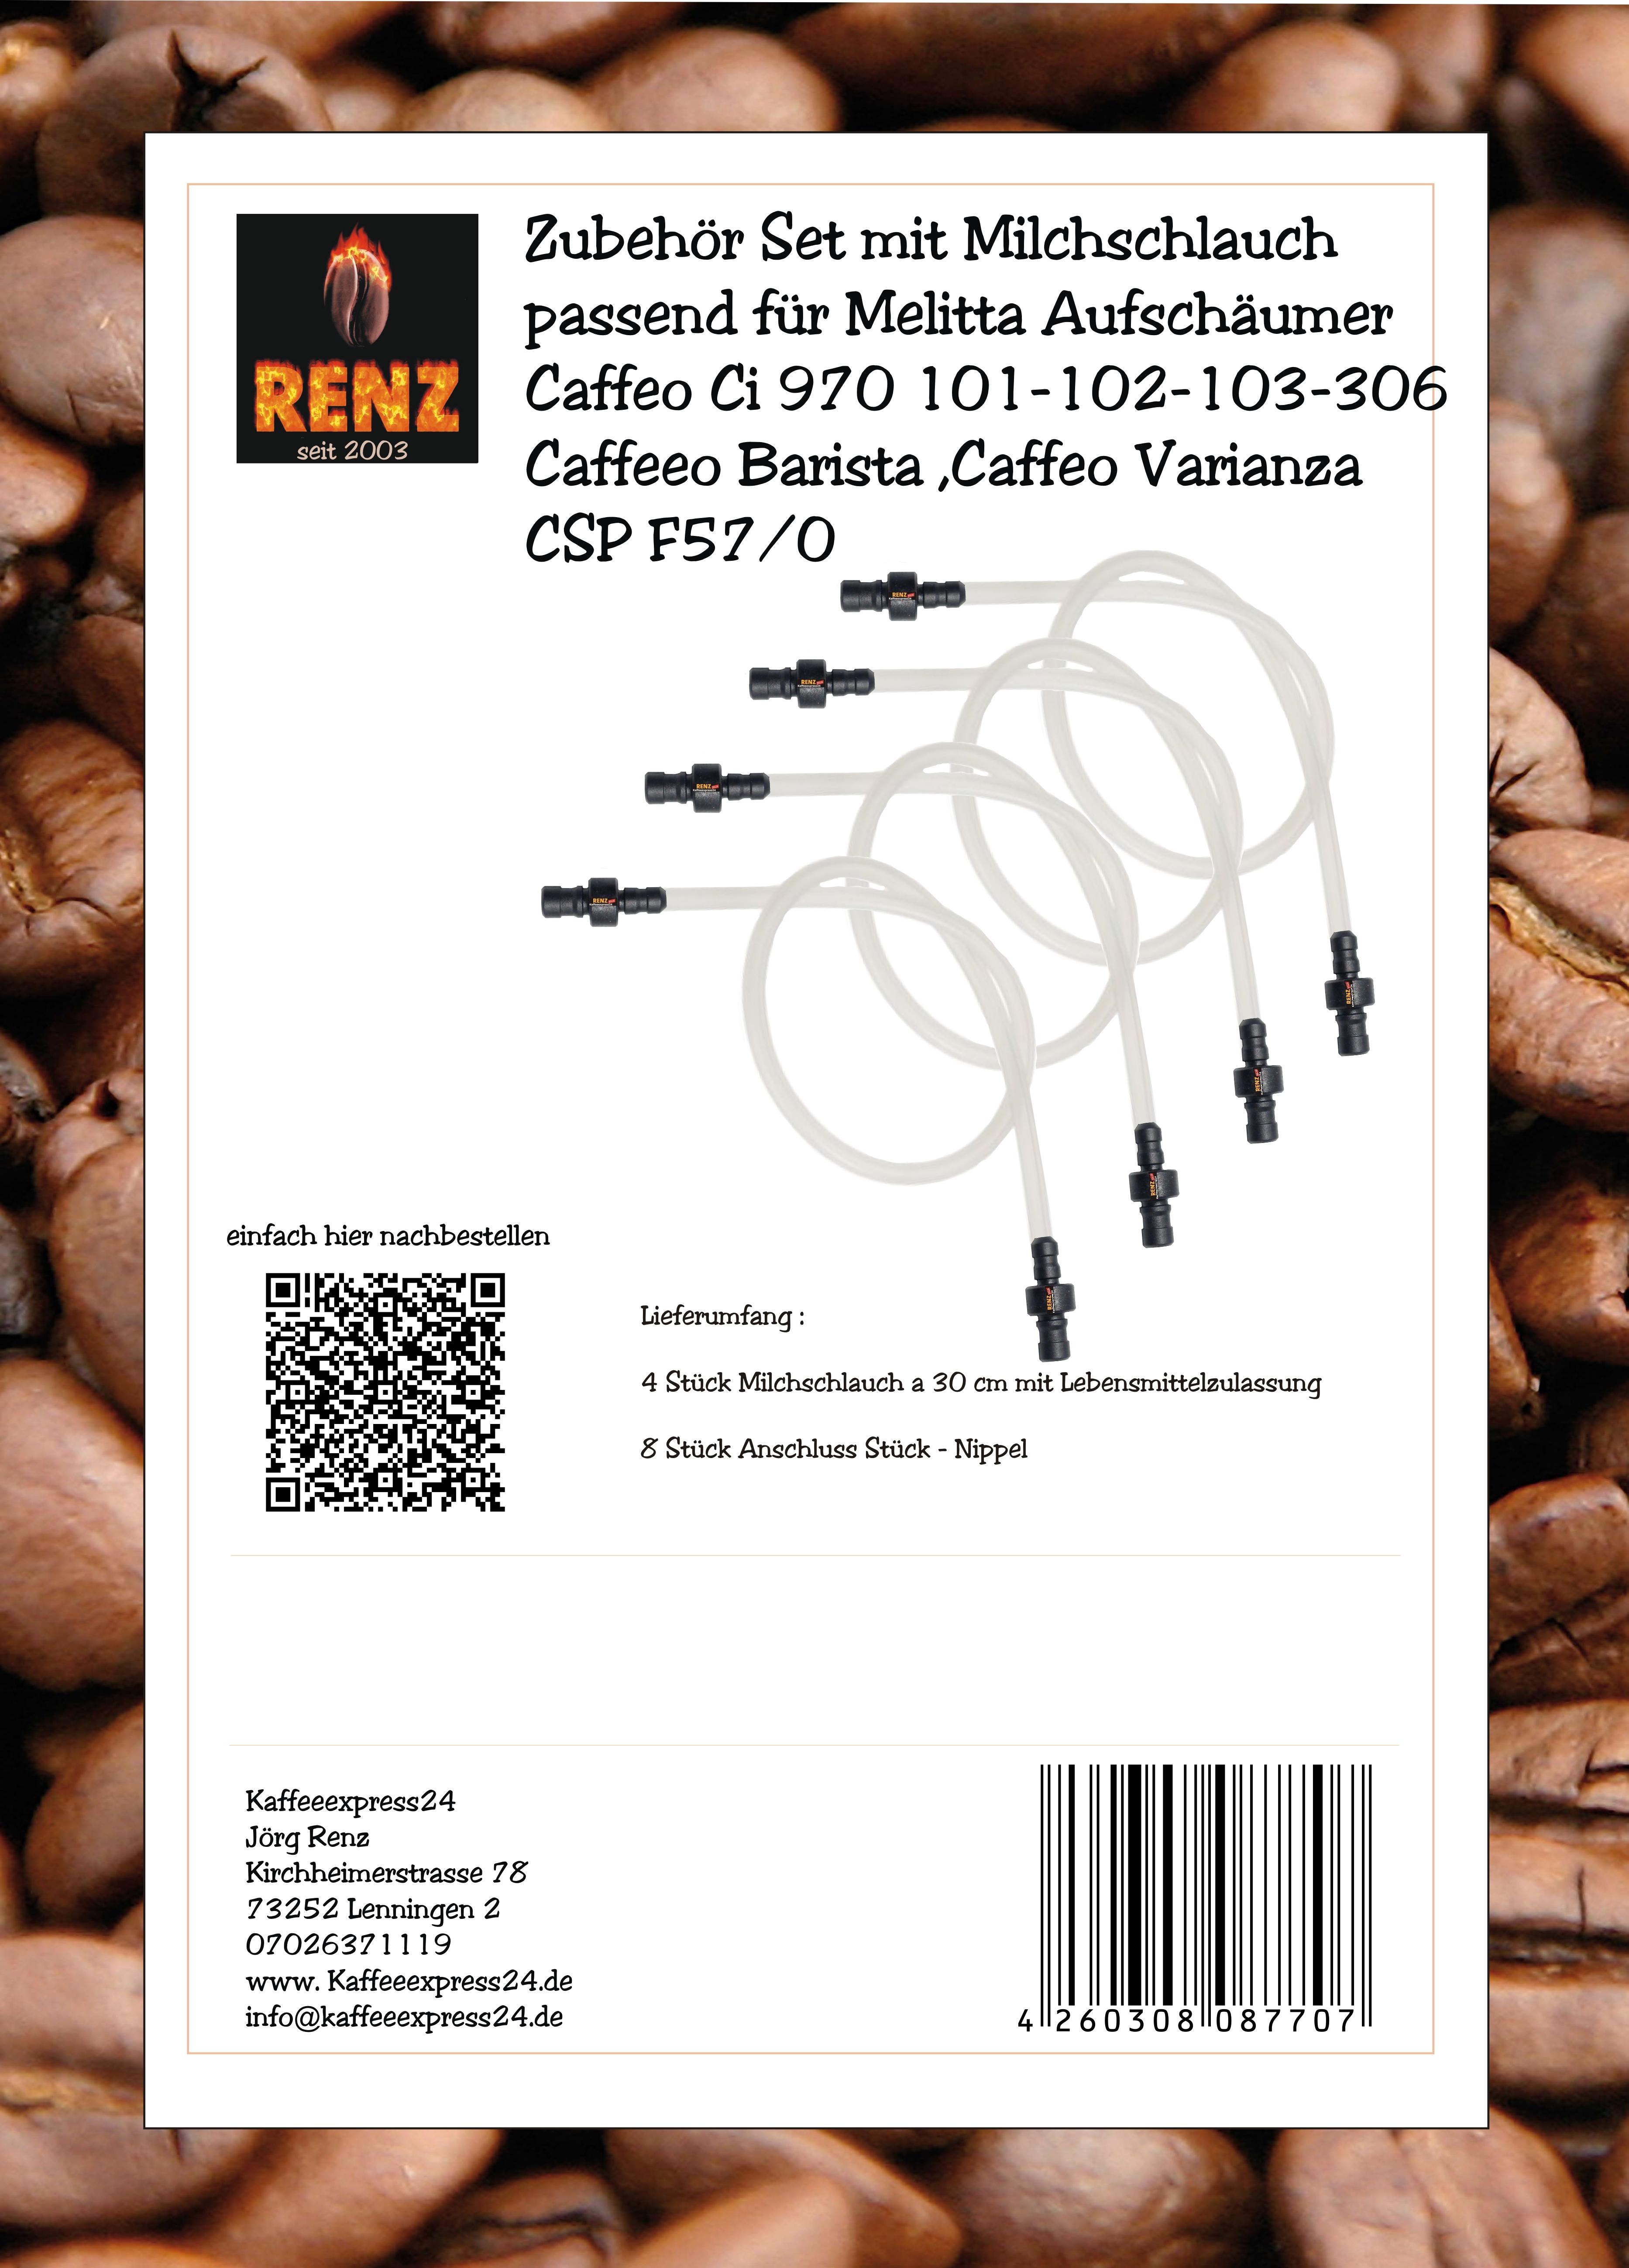 Zubehör Set mit Milchschlauch passend für Melitta Aufschäumer Caffeo Ci 970 101-102-103-306 Caffeeo